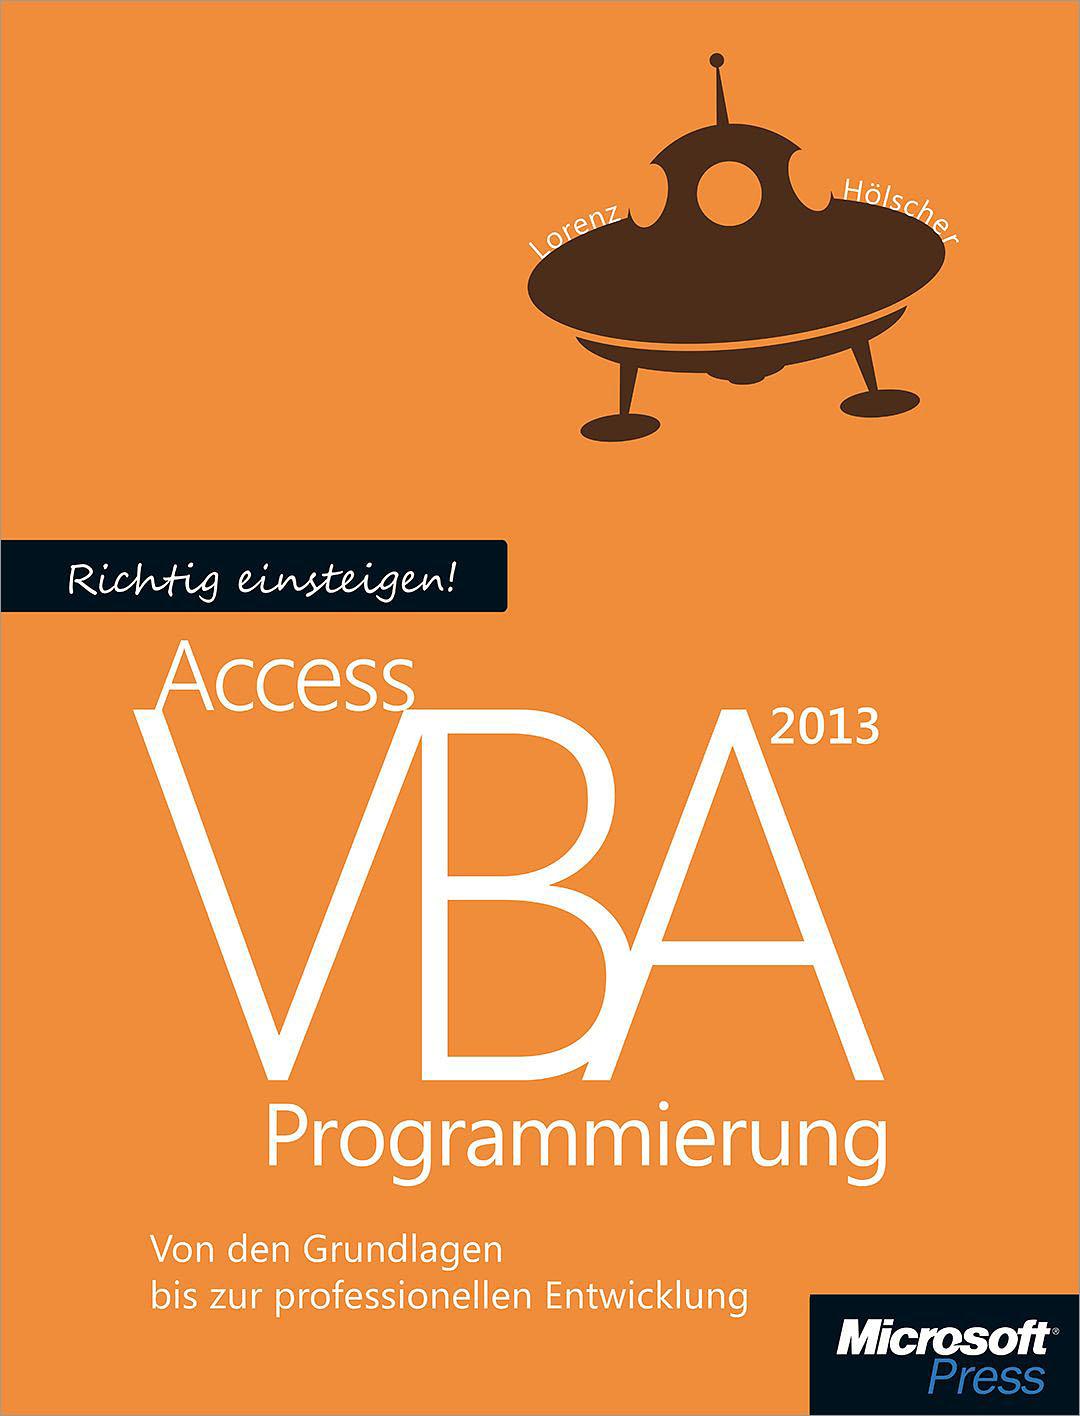 Lorenz Holscher Richtig einsteigen: Access 2013 VBA-Programmierung ken cook access 2013 for dummies isbn 9781118568644